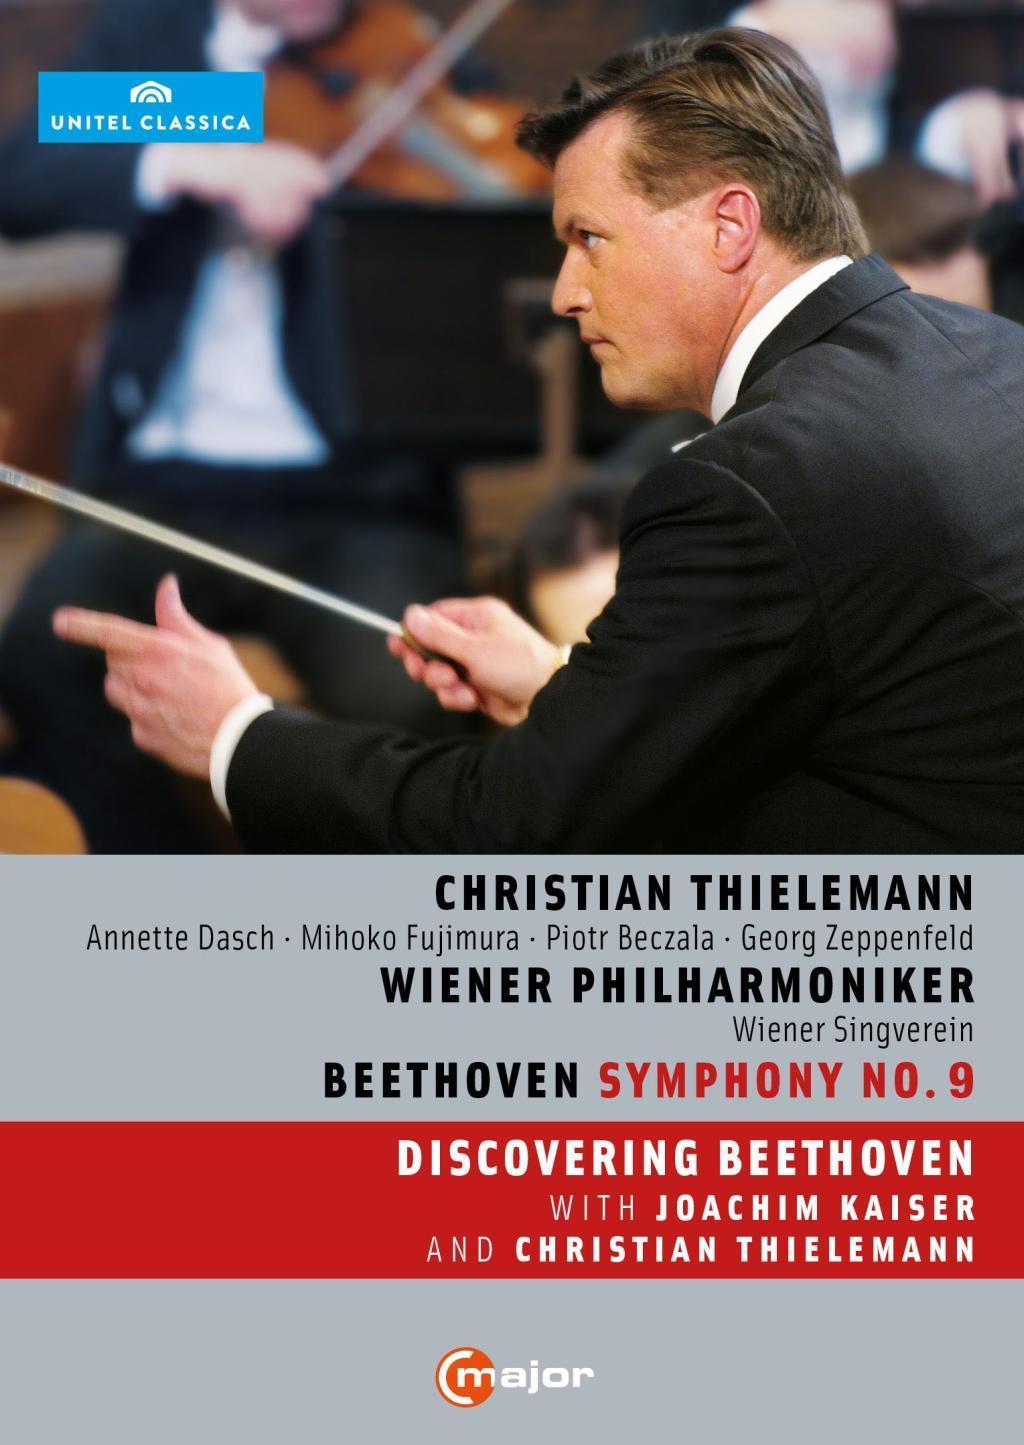 Sinfonie Nr. 9 Ludwig van Beethoven